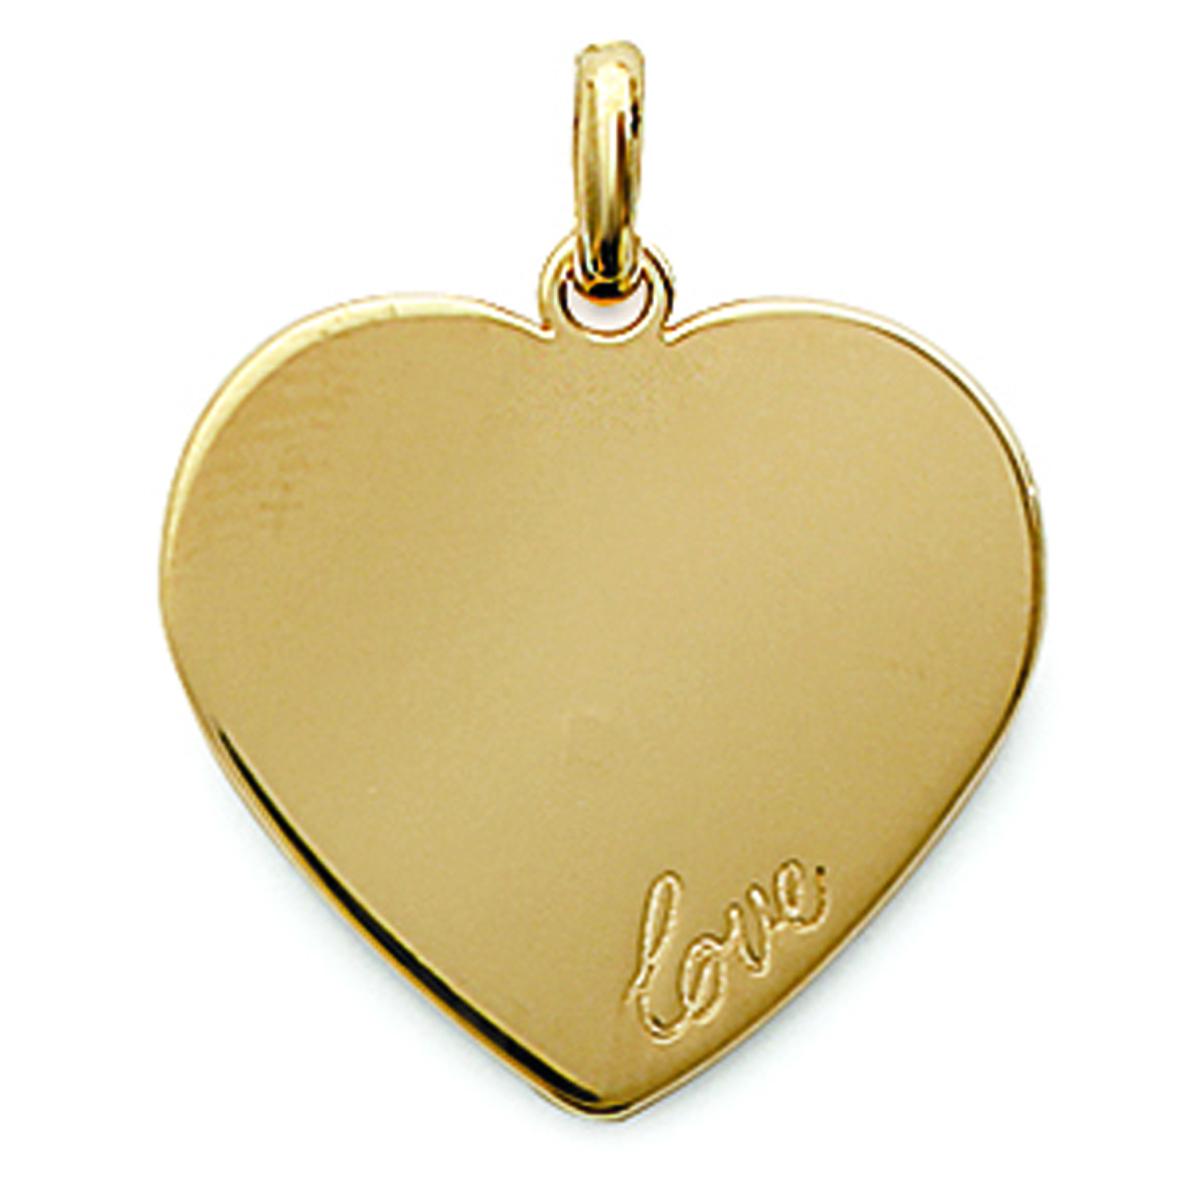 Pendentif Plaqué Or \'Love \' doré - 27x31 mm (à Graver) - [C7262]